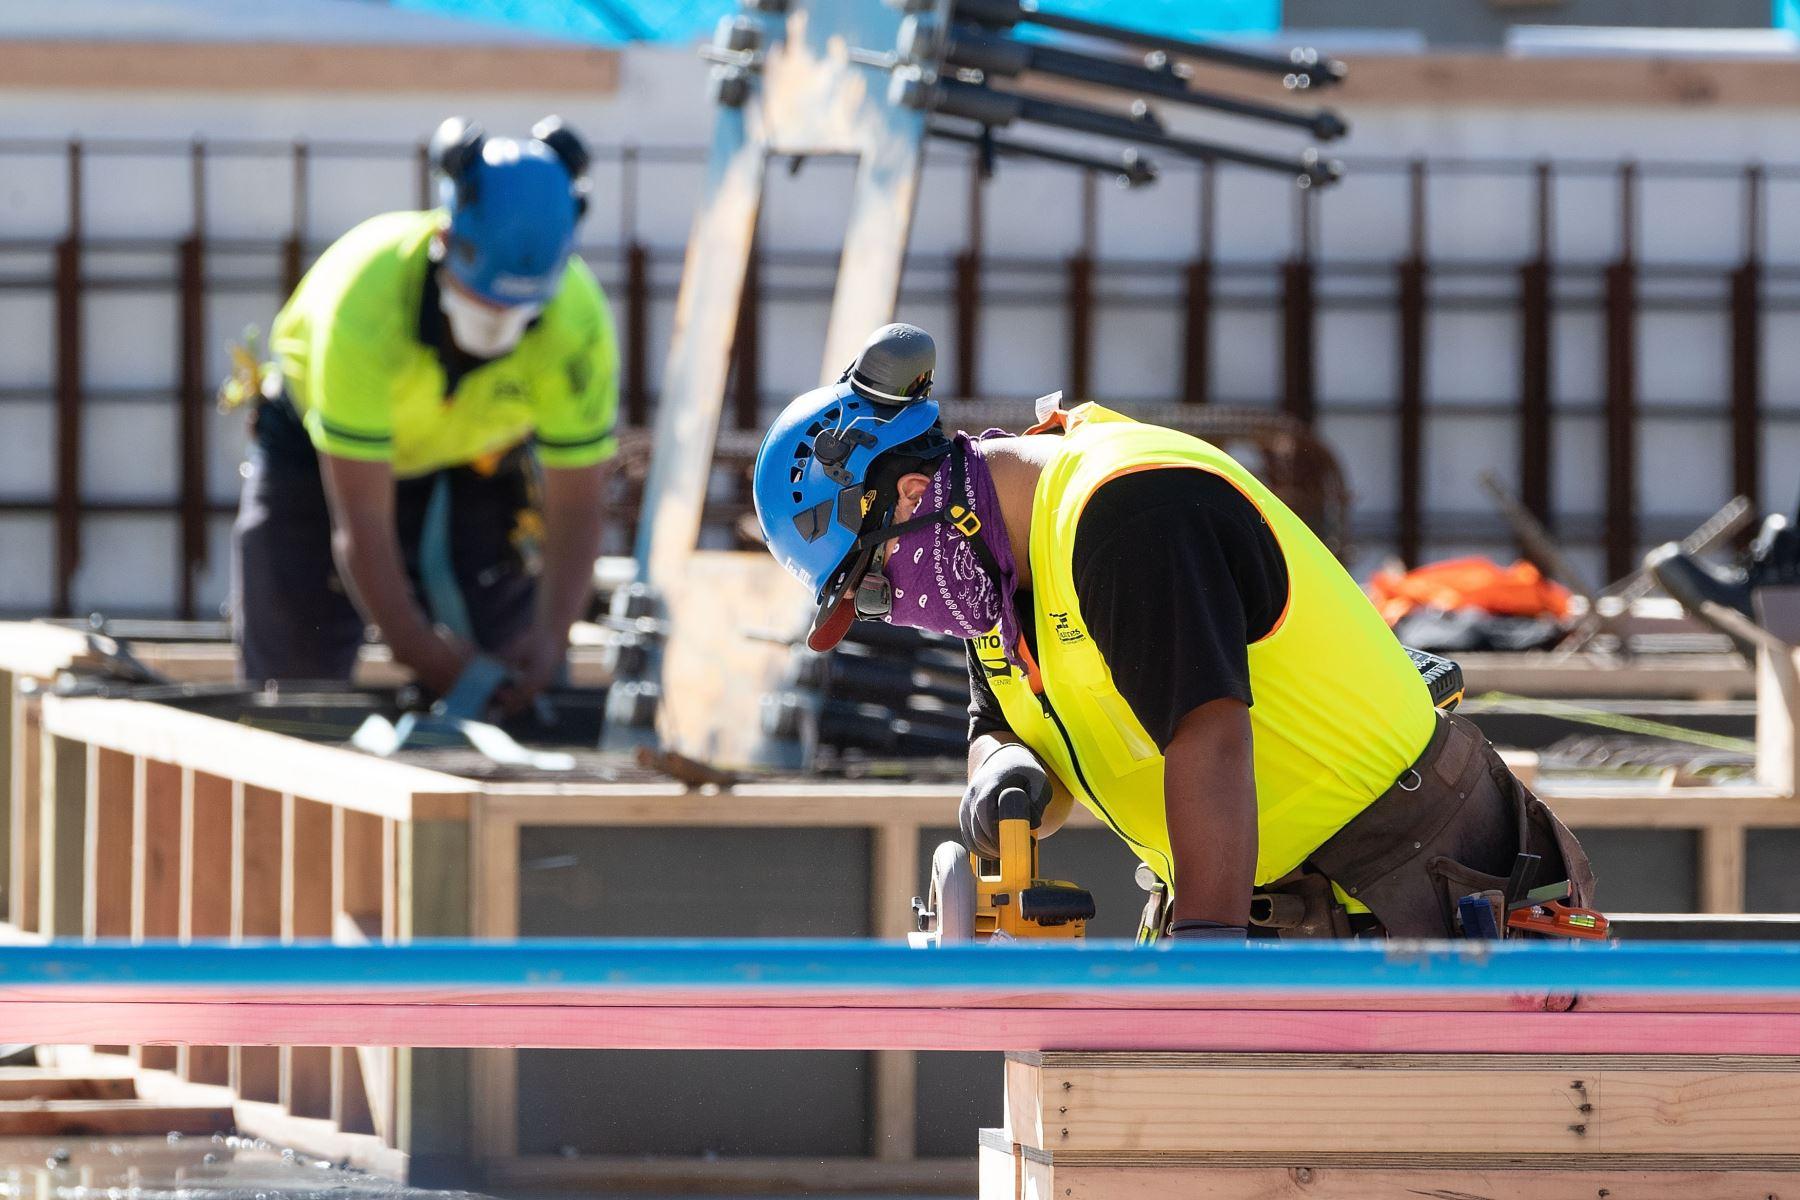 Trabajadores de construcción utilizan mascarillas durante su jornada durante el primer día de la flexibilización de restricciones en Wellington, el 28 de abril de 2020, luego del brote de coronavirus .Foto: AFP